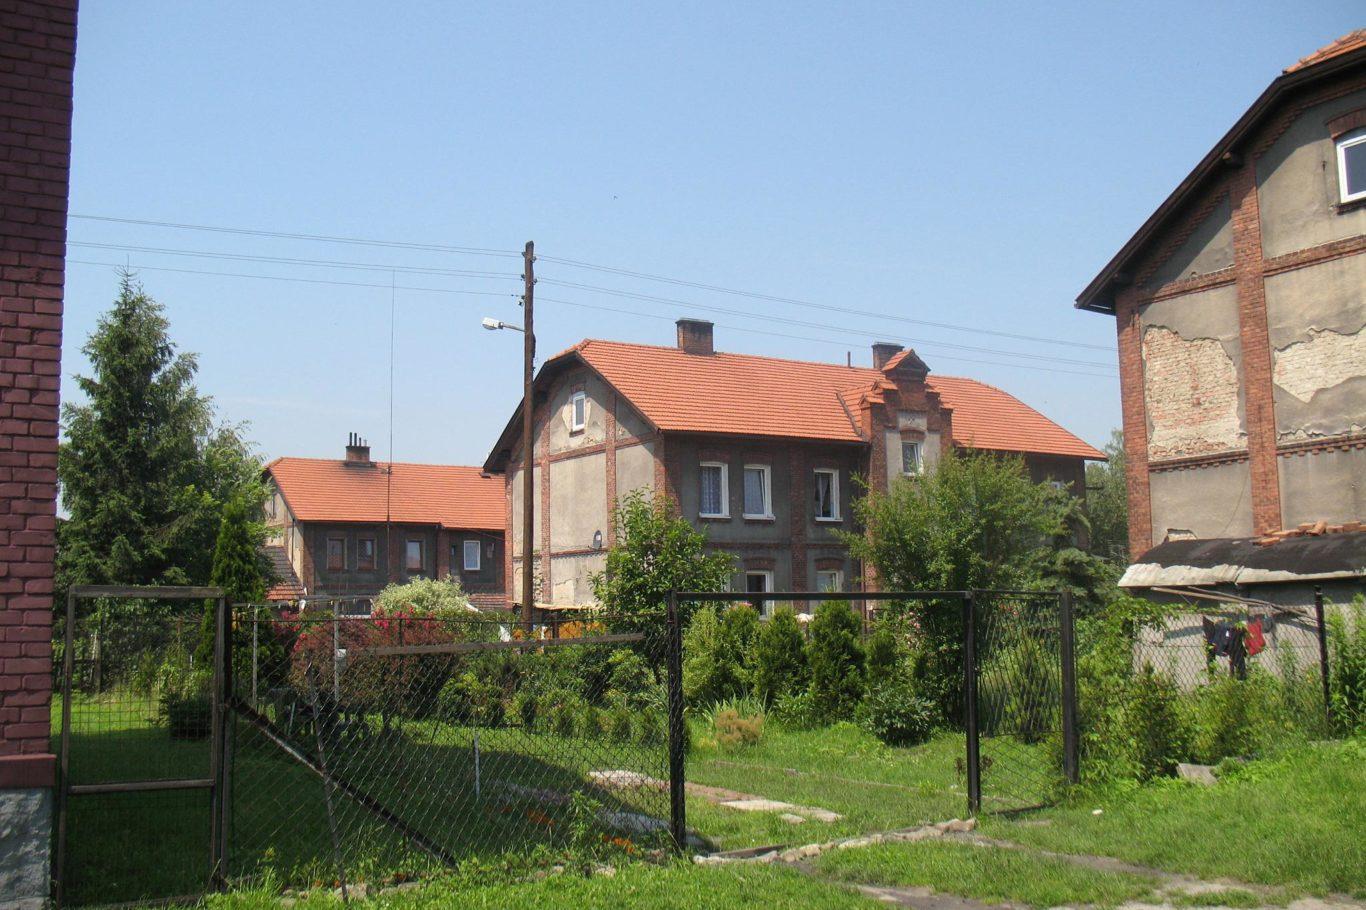 OSIEDLE DOMÓW GÓRNICZYCH – STARA KOLONIA W BRZESZCZACH, fot. M. Łuczak (2010) ©